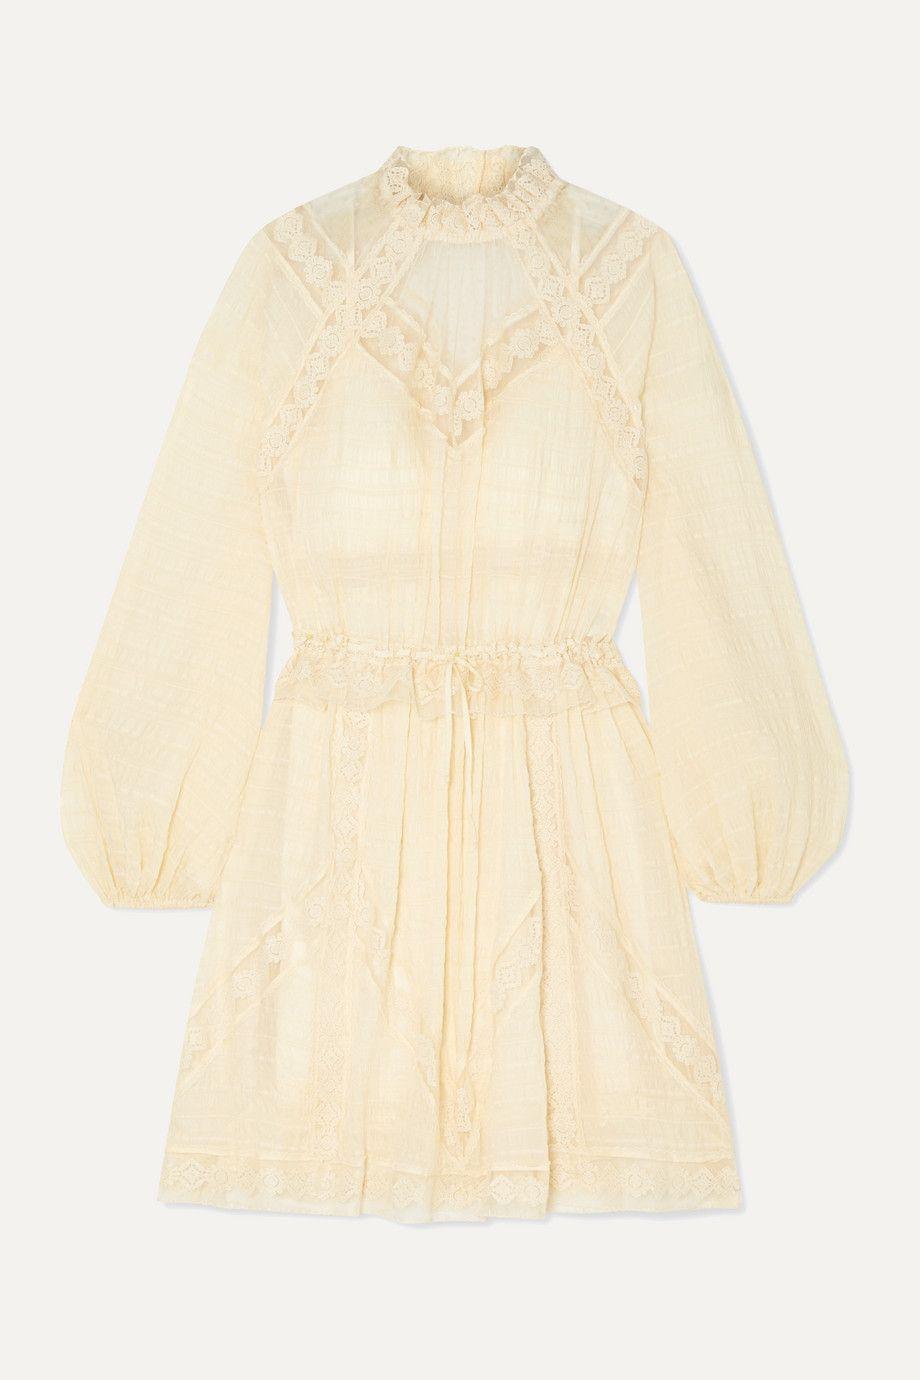 Zimmermann Lace-Trimmed Seersucker Dress